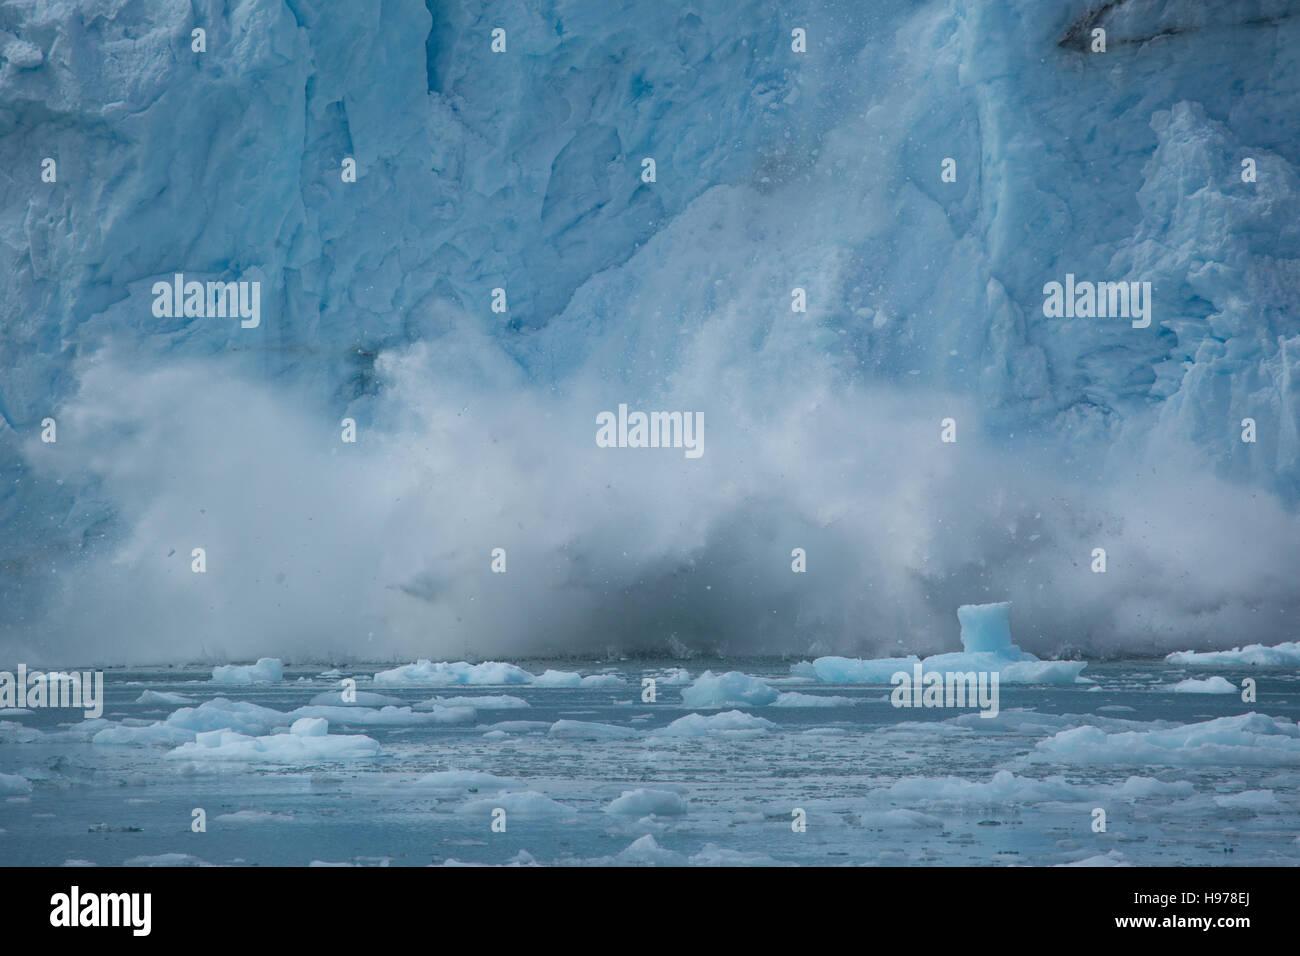 glacial ice in alaska - Stock Image